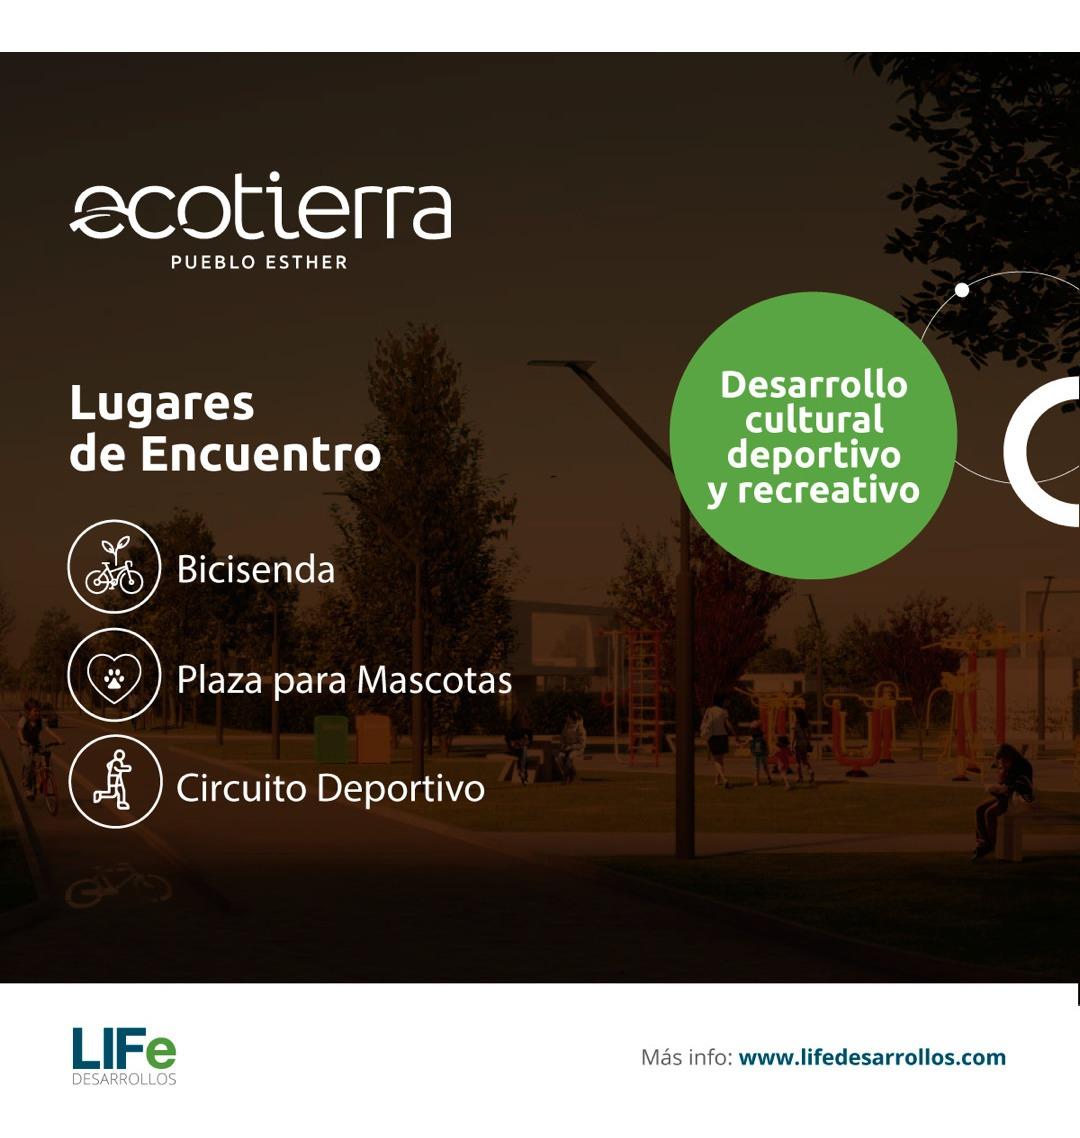 barrio abierto en pueblo esther - unico por sus servicios y excelente plan de financiacion en pesos - ecotierra